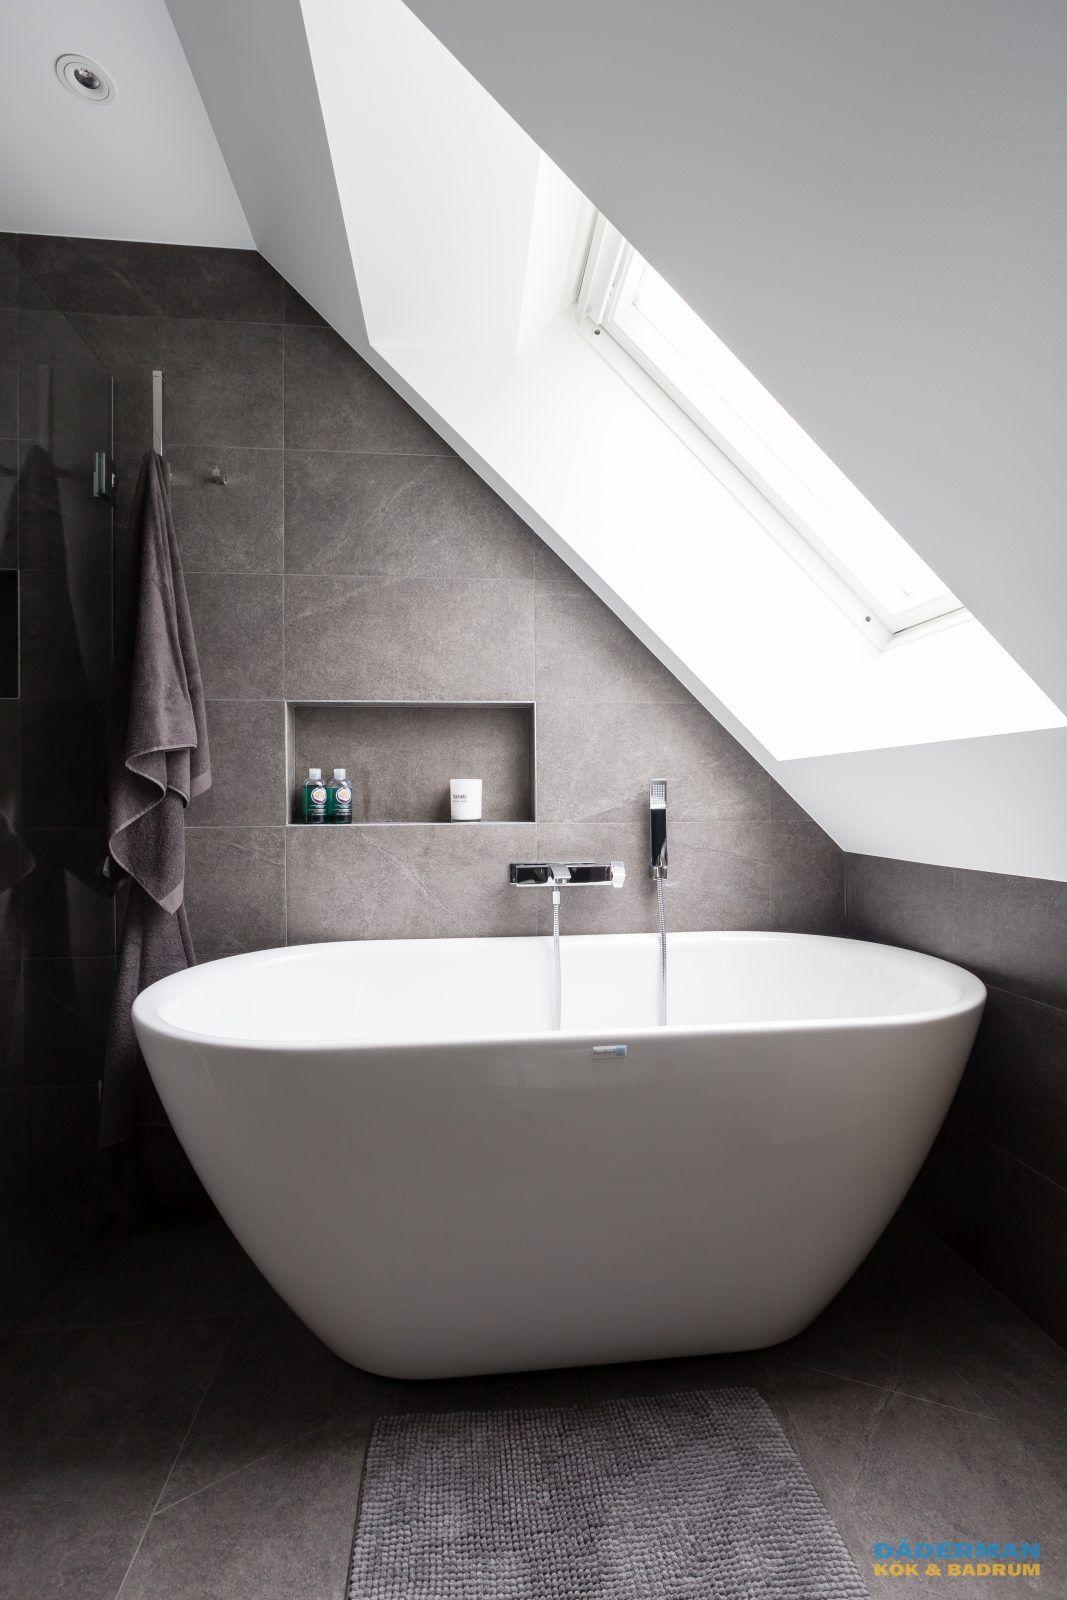 Bra Badrum med snedtak och fristående badkar | Badrum i 2019 | Badrum KQ-64